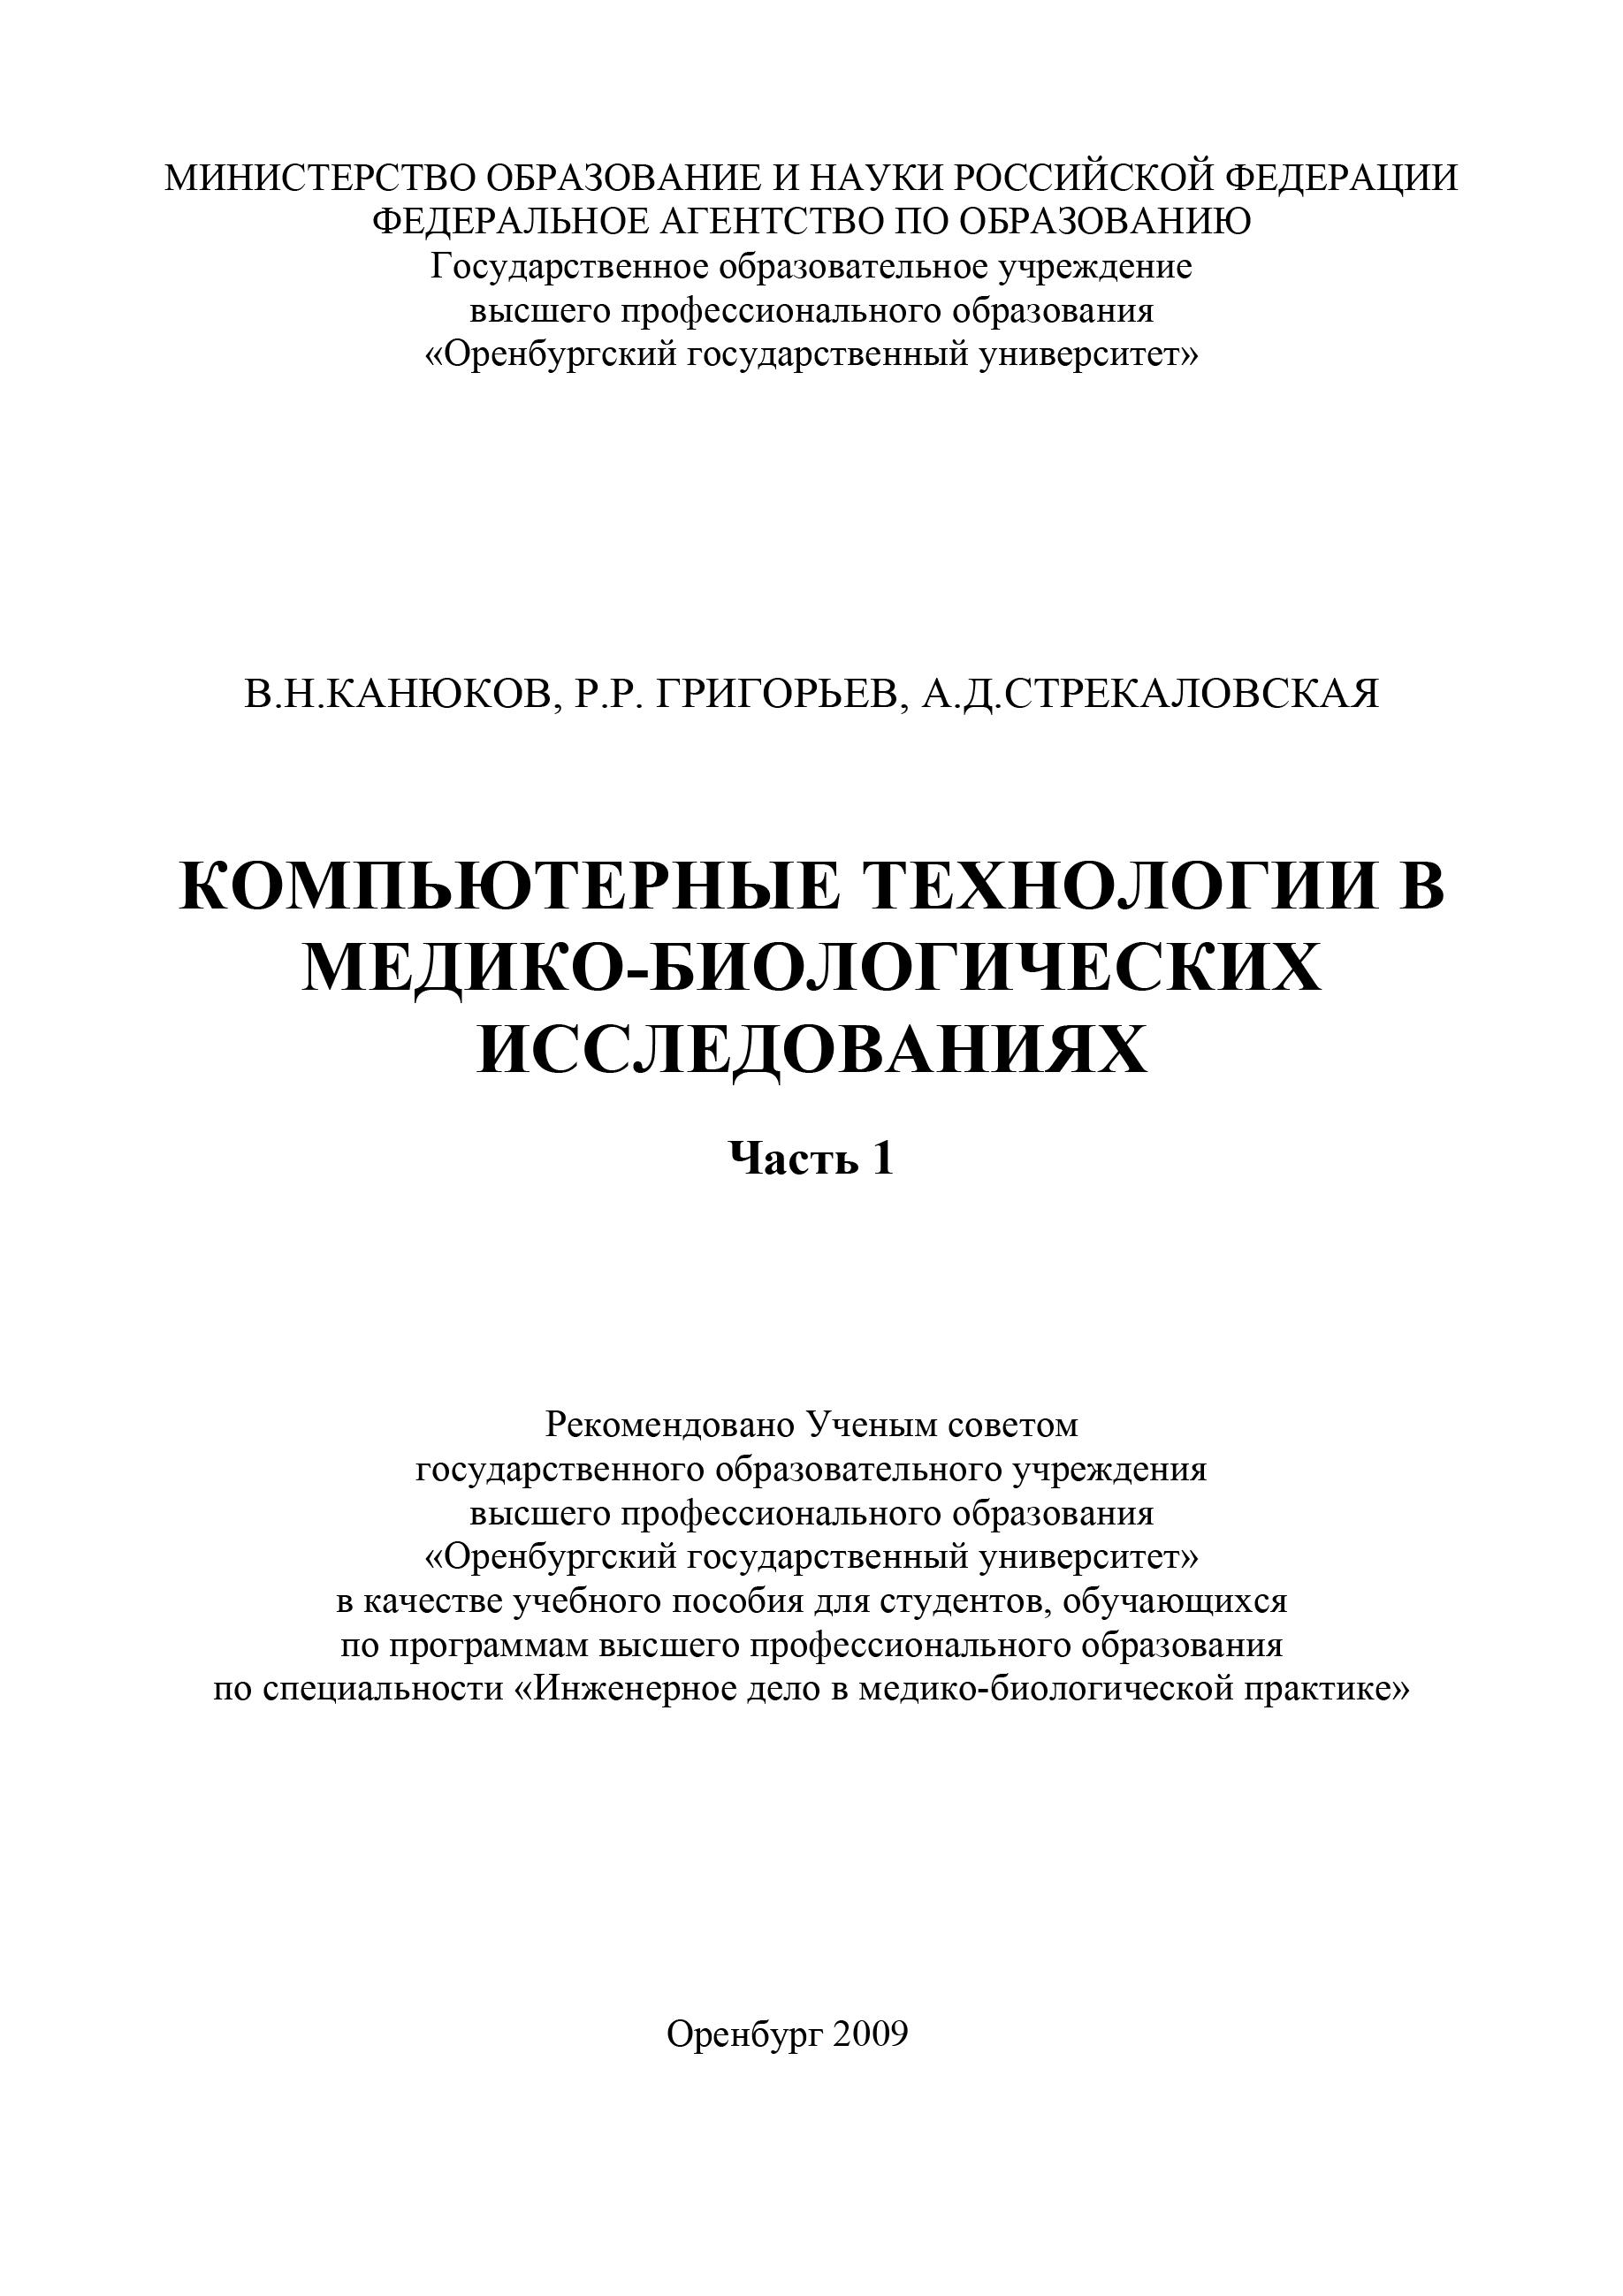 Р. Григорьев Компьютерные технологии в медико-биологических исследованиях. Часть 1 прикладная теория информационного обеспечения медико биологических исследований